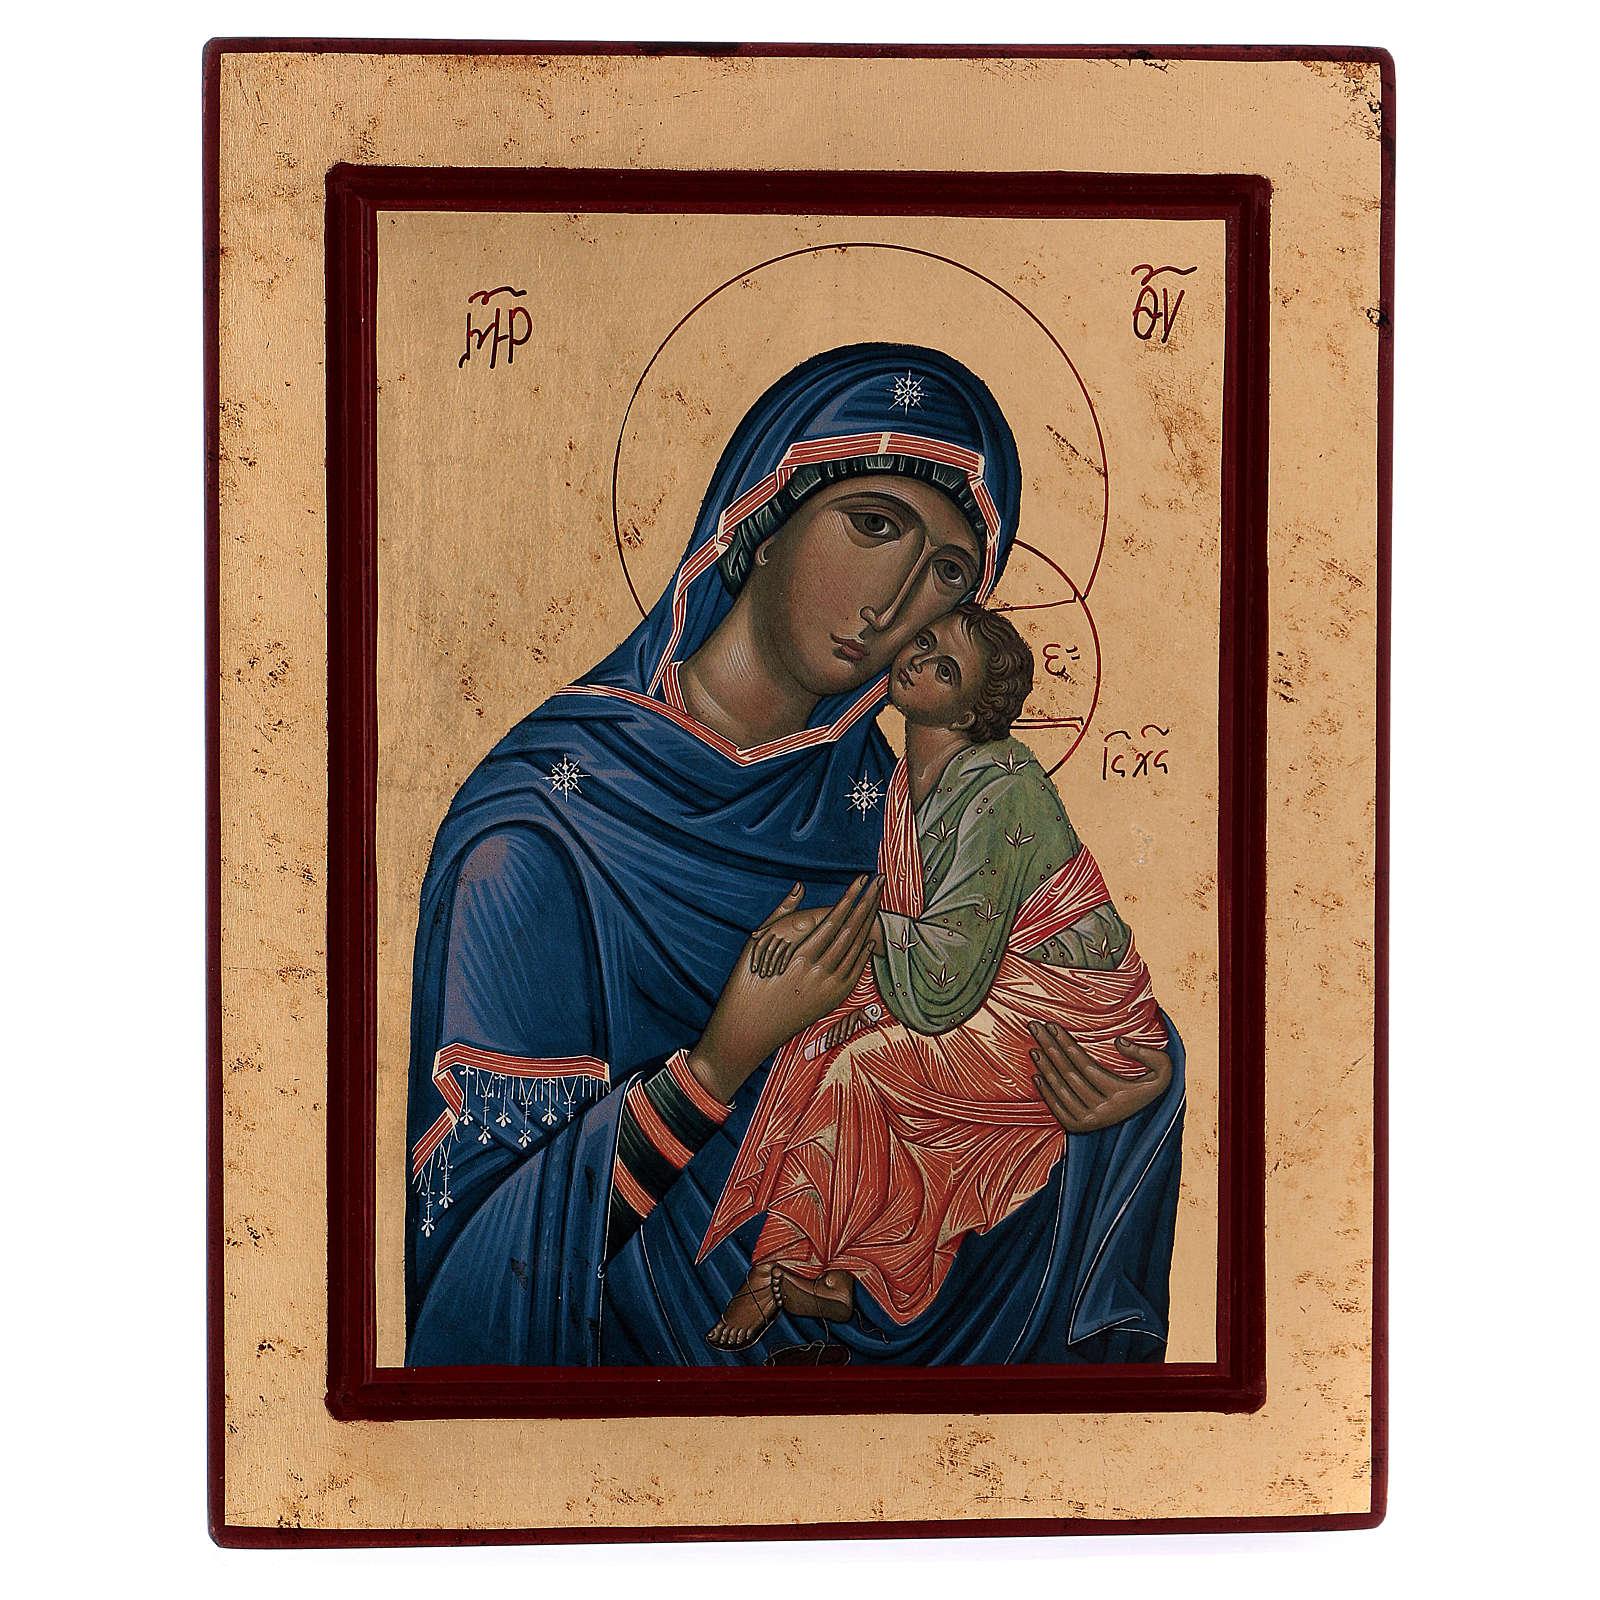 Icona Madonna Tenerezza Greca legno 24x18 cm serigrafata 4